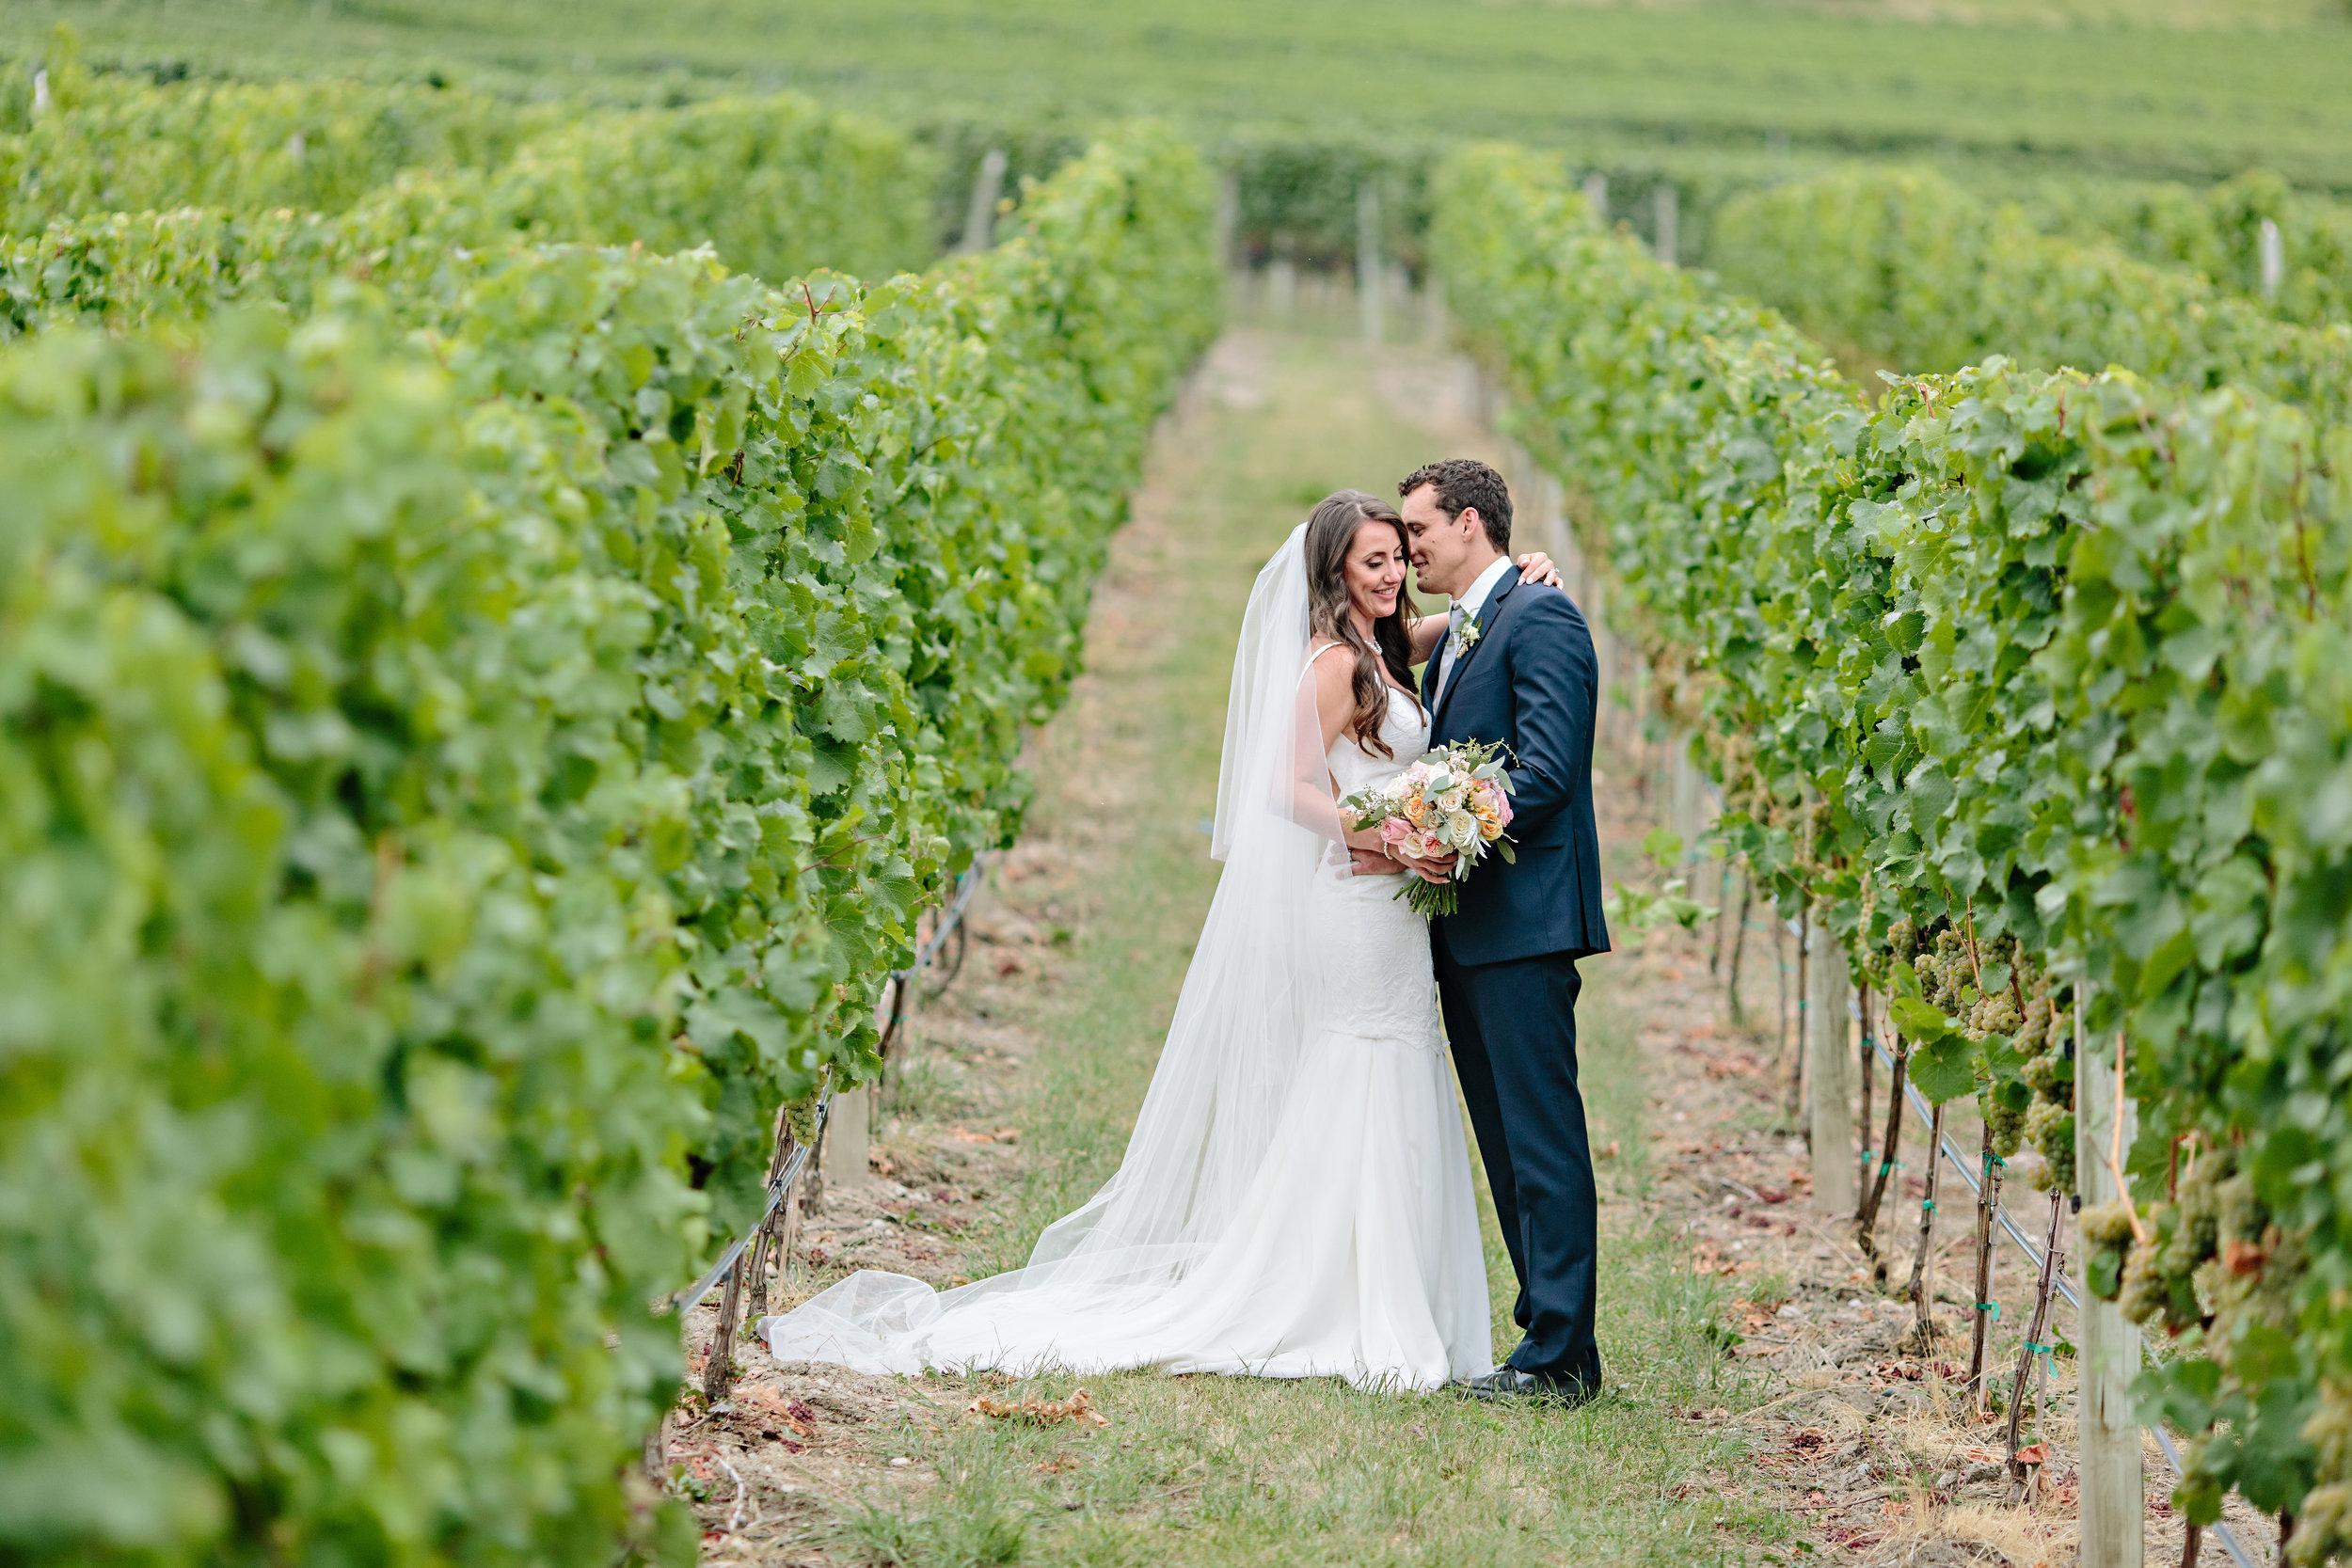 MS-bride&groom-WED-2016-Adrian-026.jpg